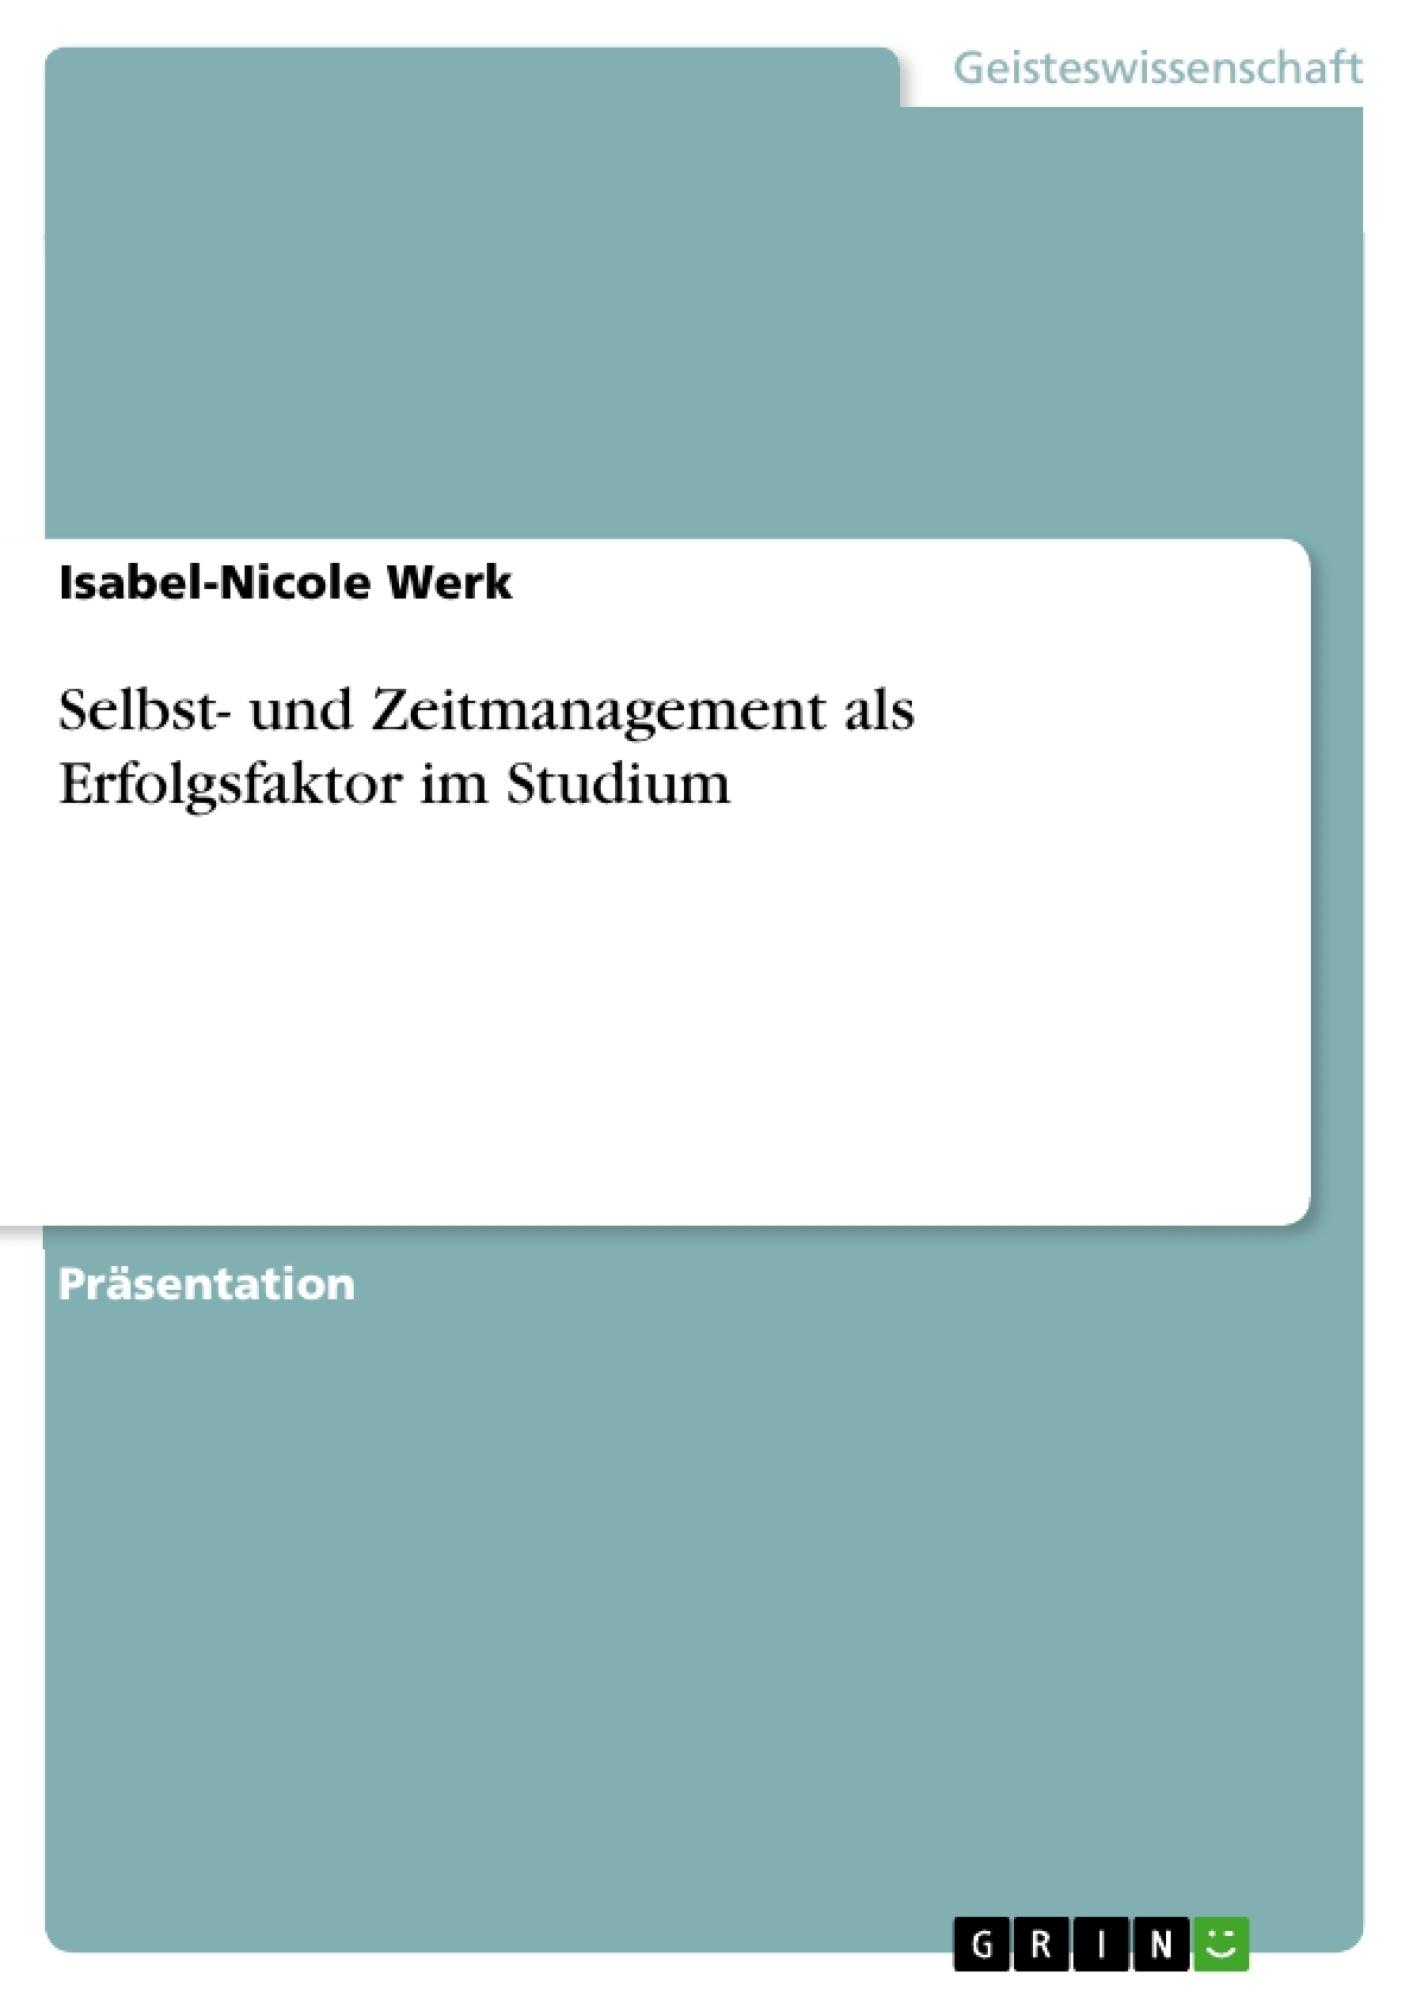 Titel: Selbst- und Zeitmanagement als Erfolgsfaktor im Studium